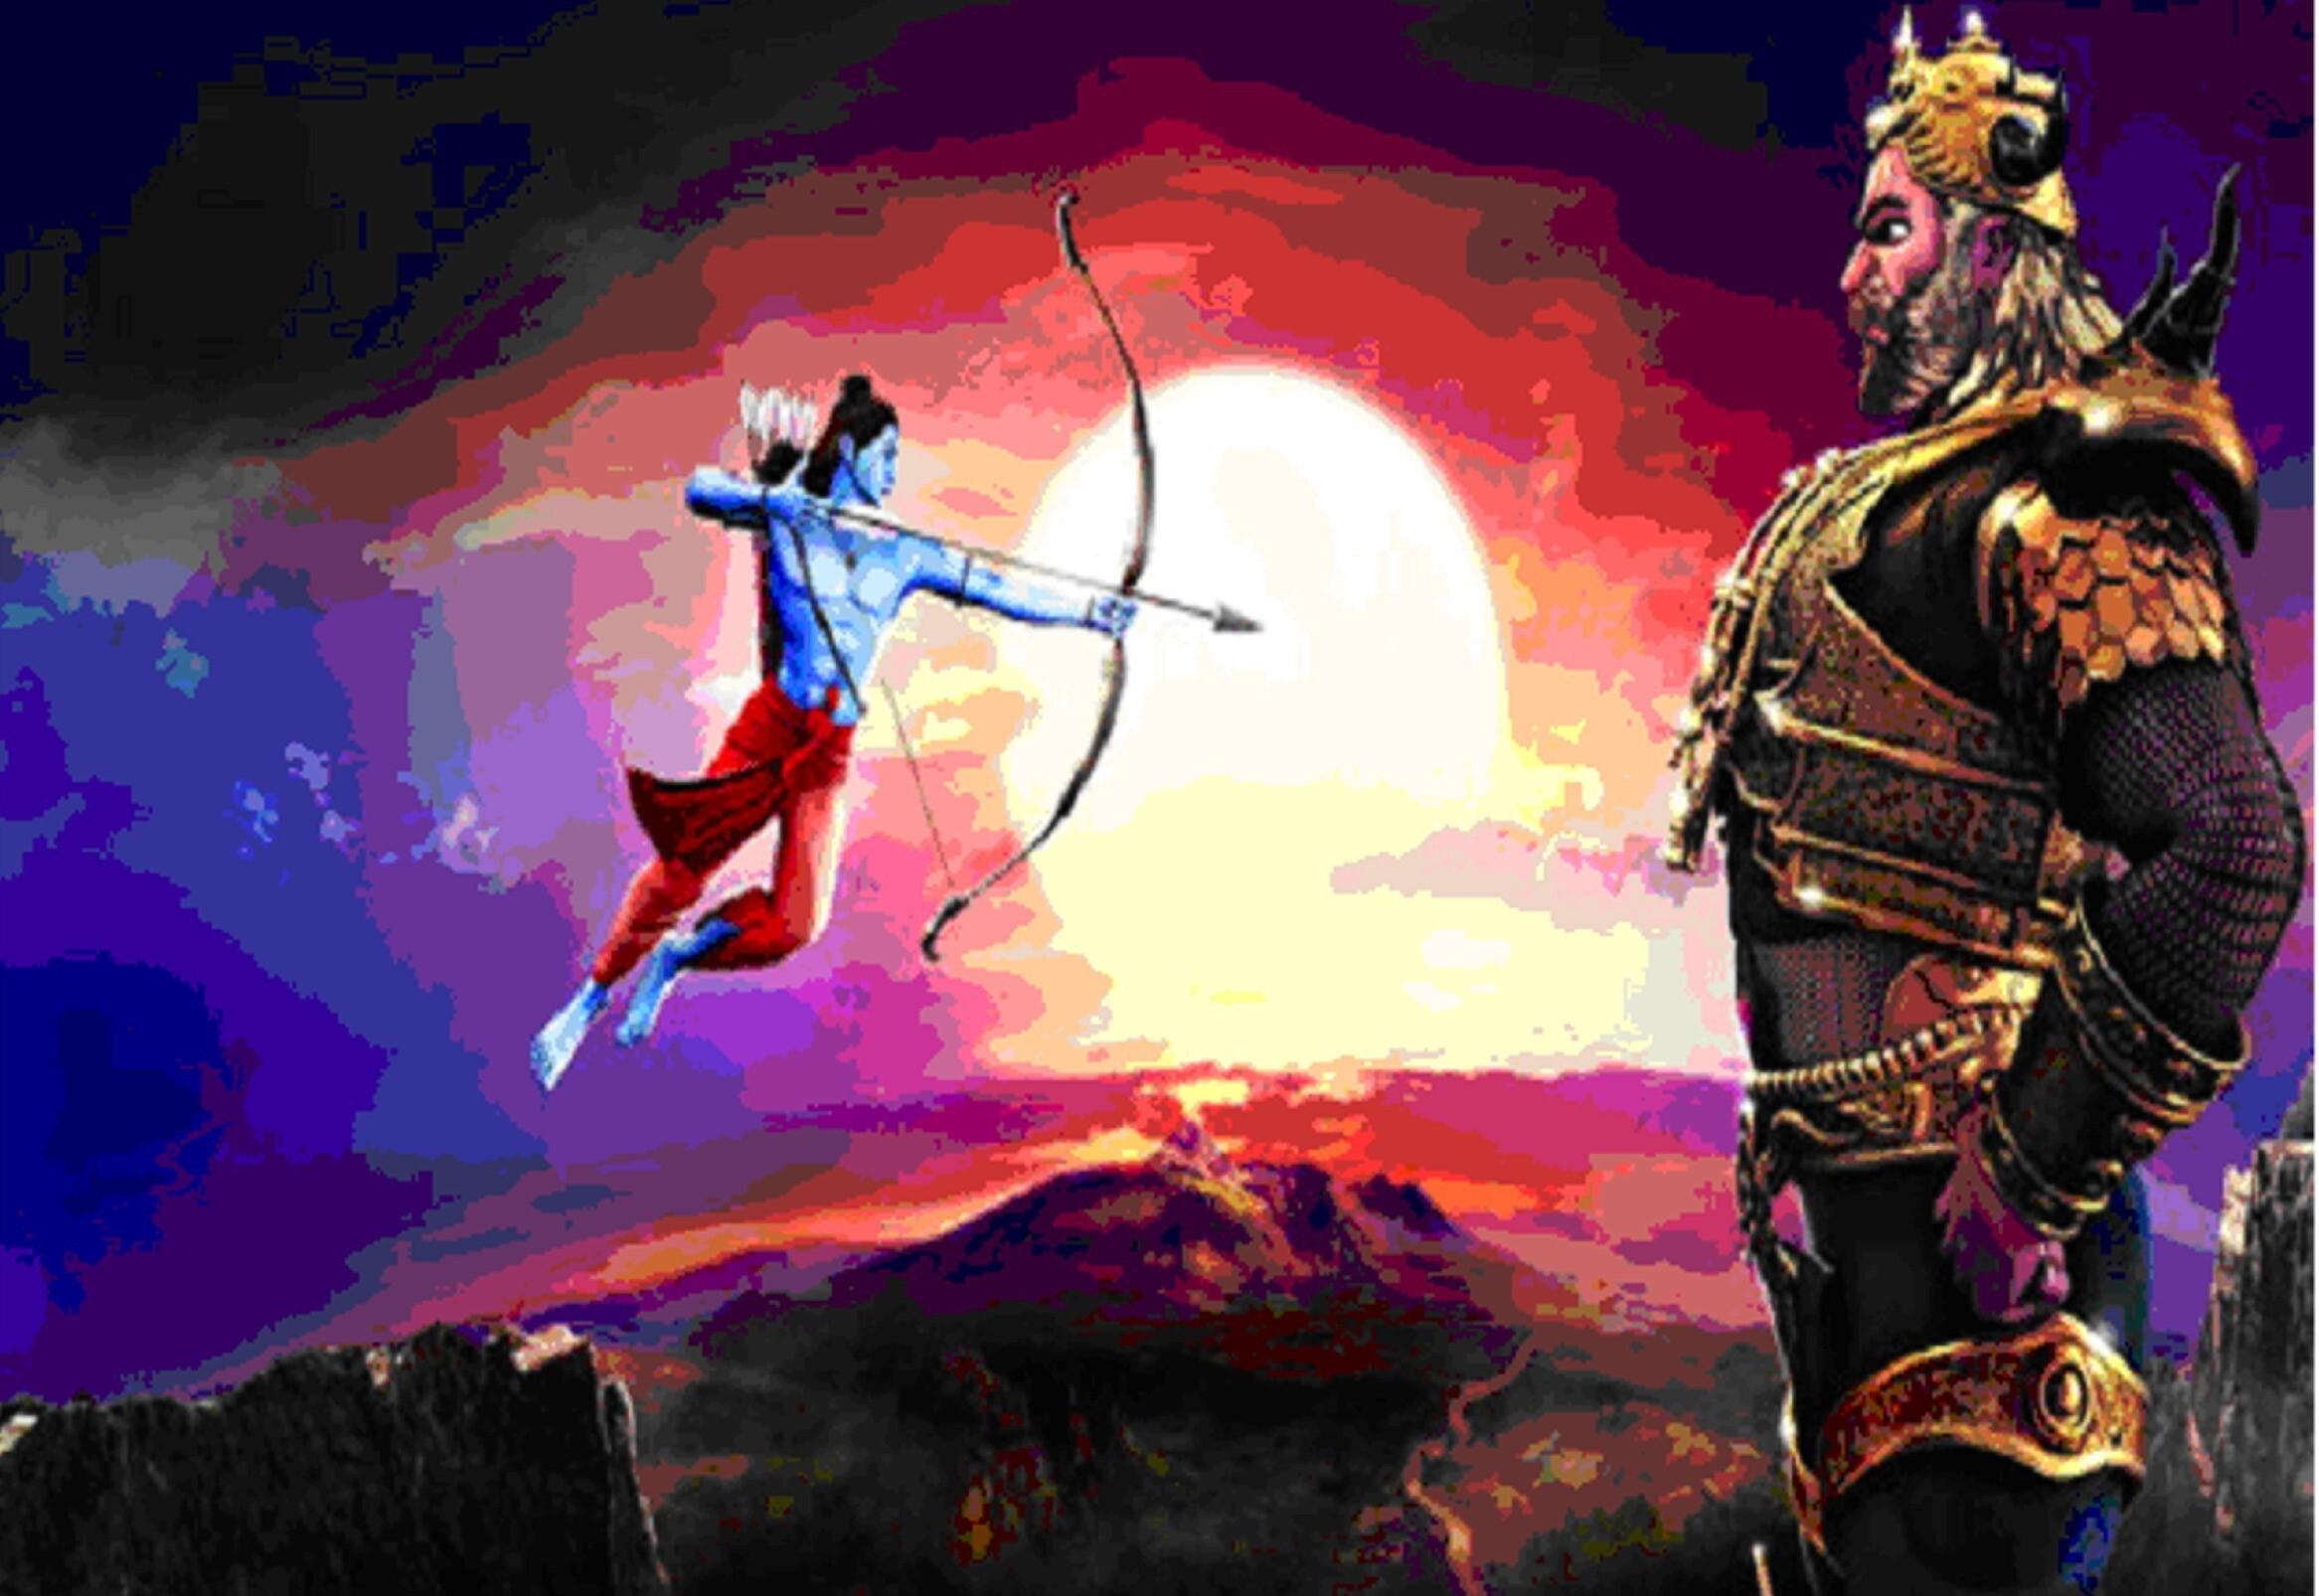 Shree Ram Manslaughter Of Ravan Hd Wallpapers